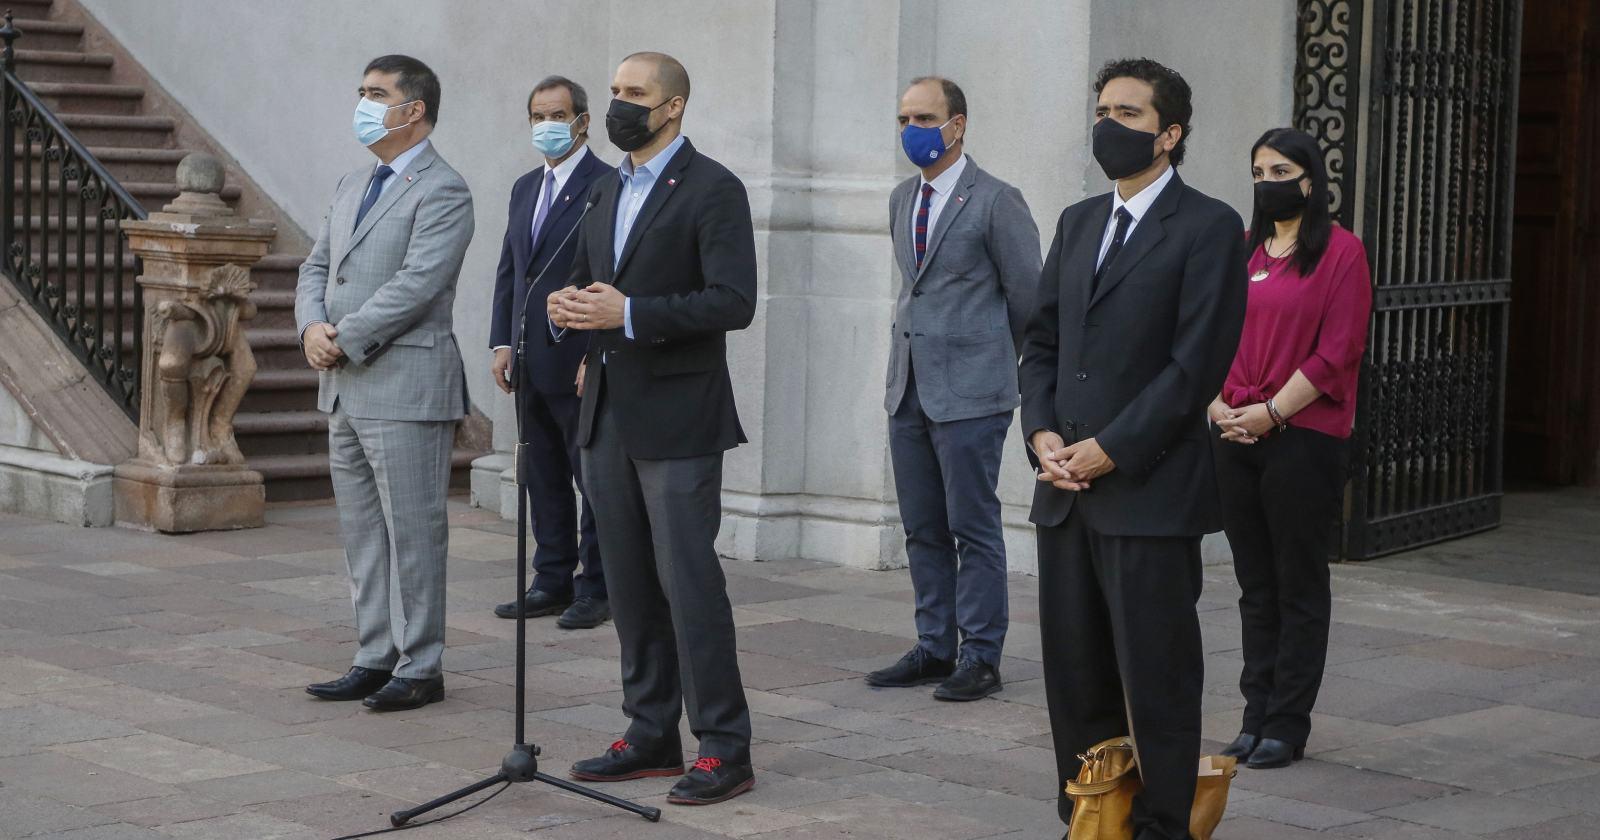 """""""Rechazarla es en favor de la democracia"""": el espaldarazo del comité político a Víctor Pérez frente a acusación constitucional"""